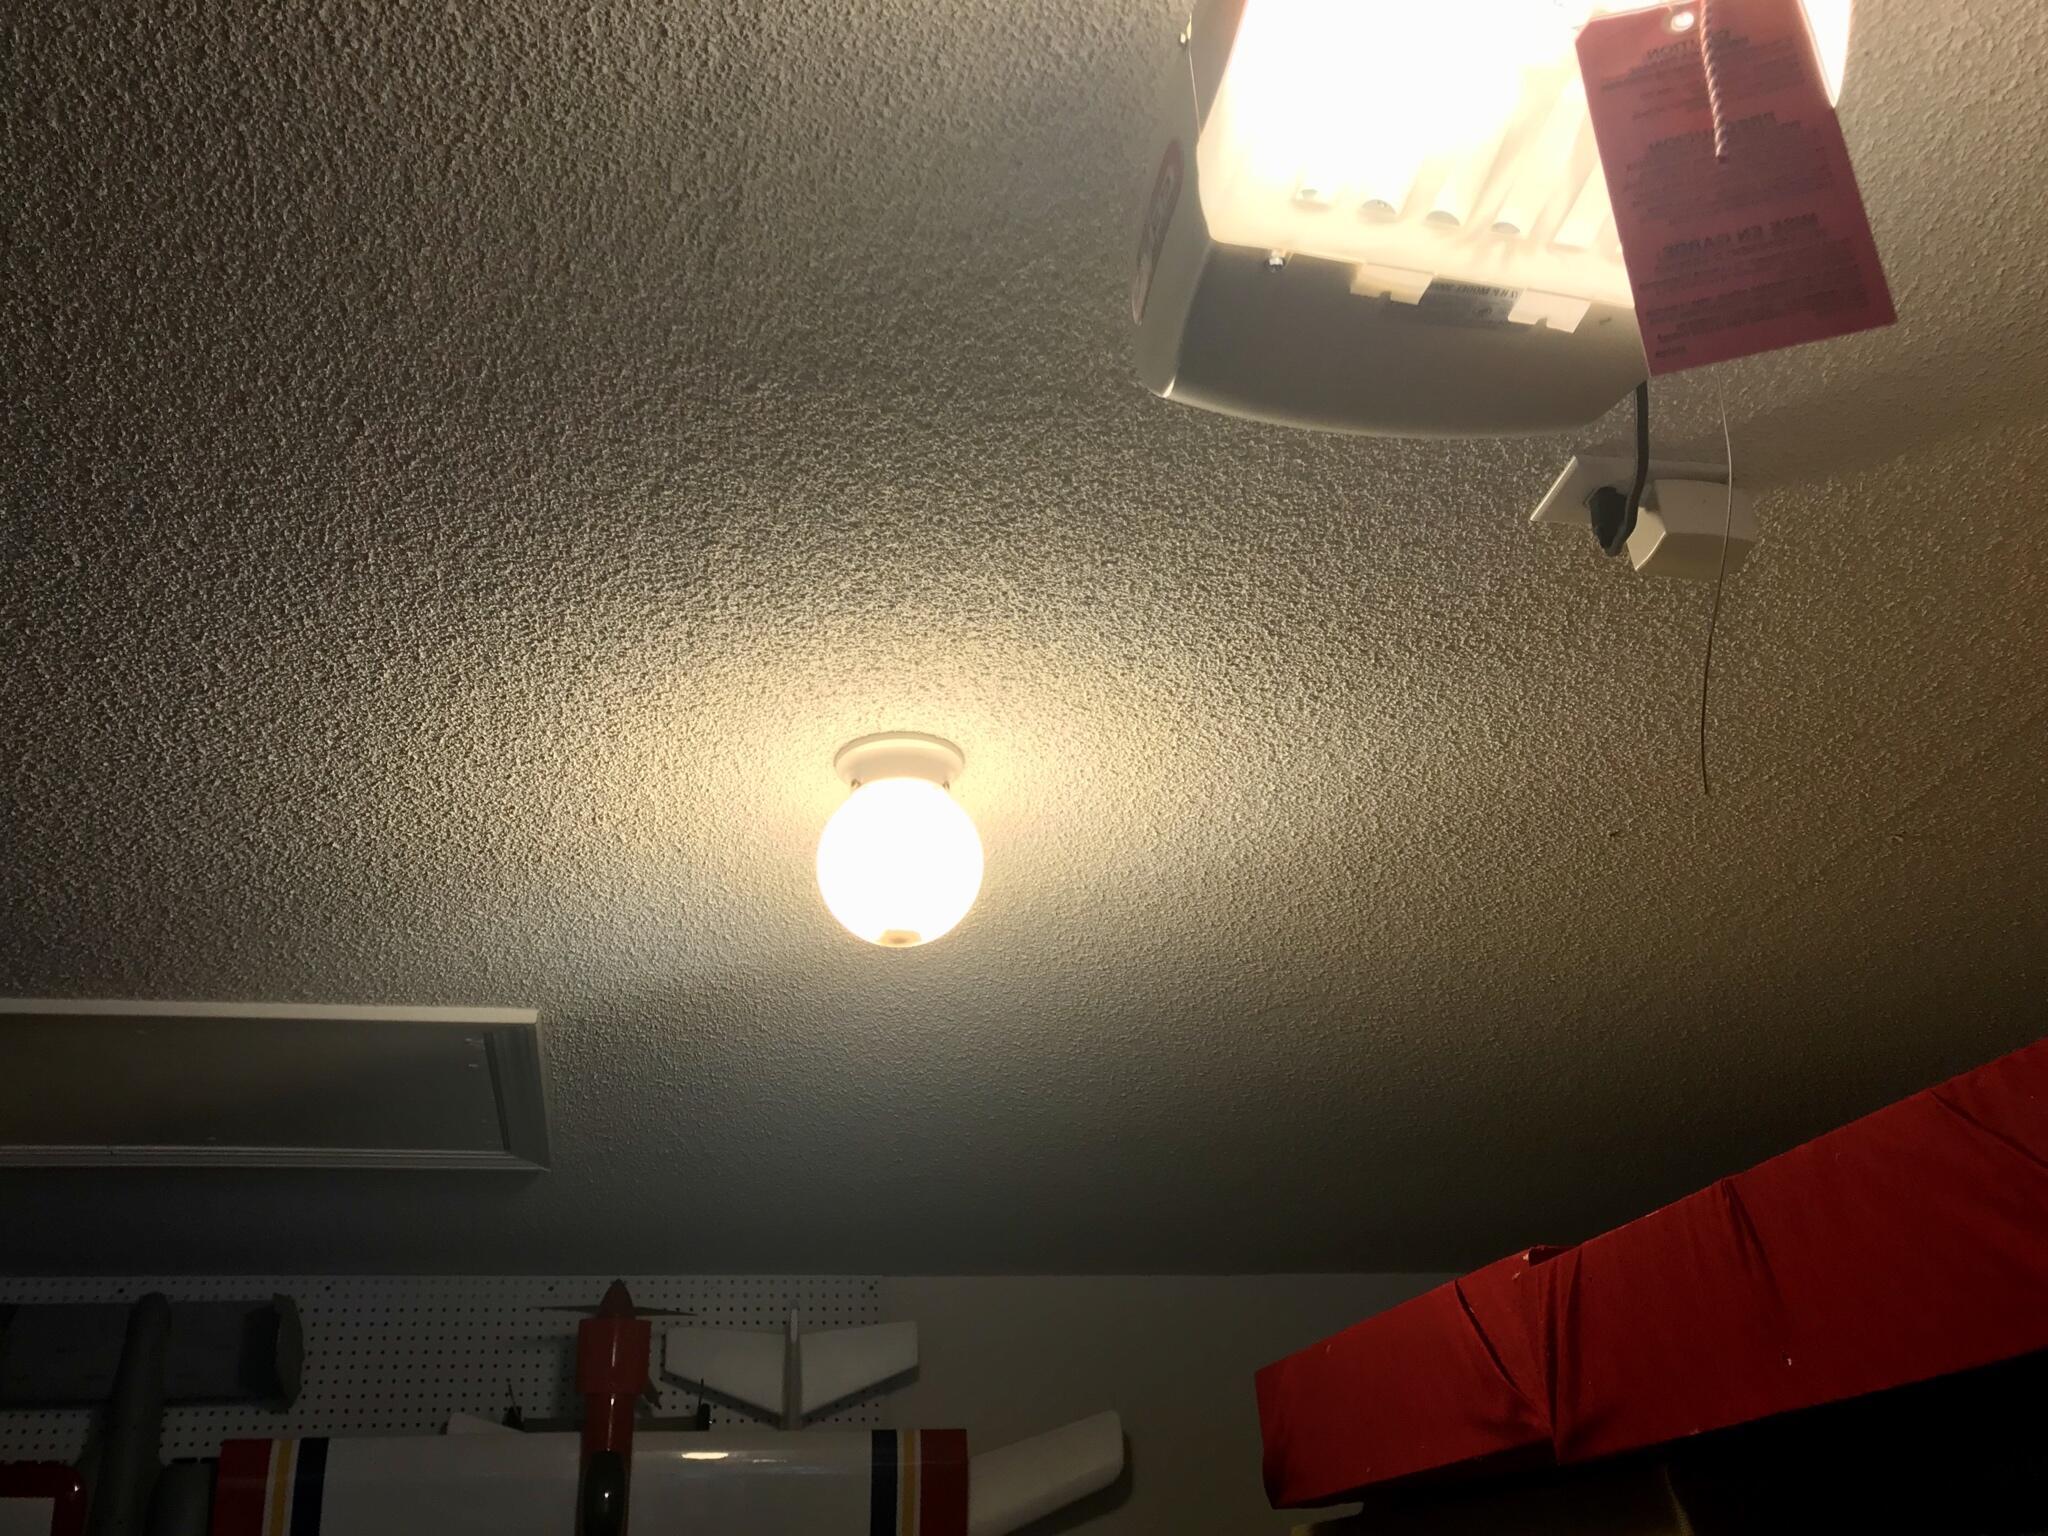 Comment éclairer une pièce sans électricité ?